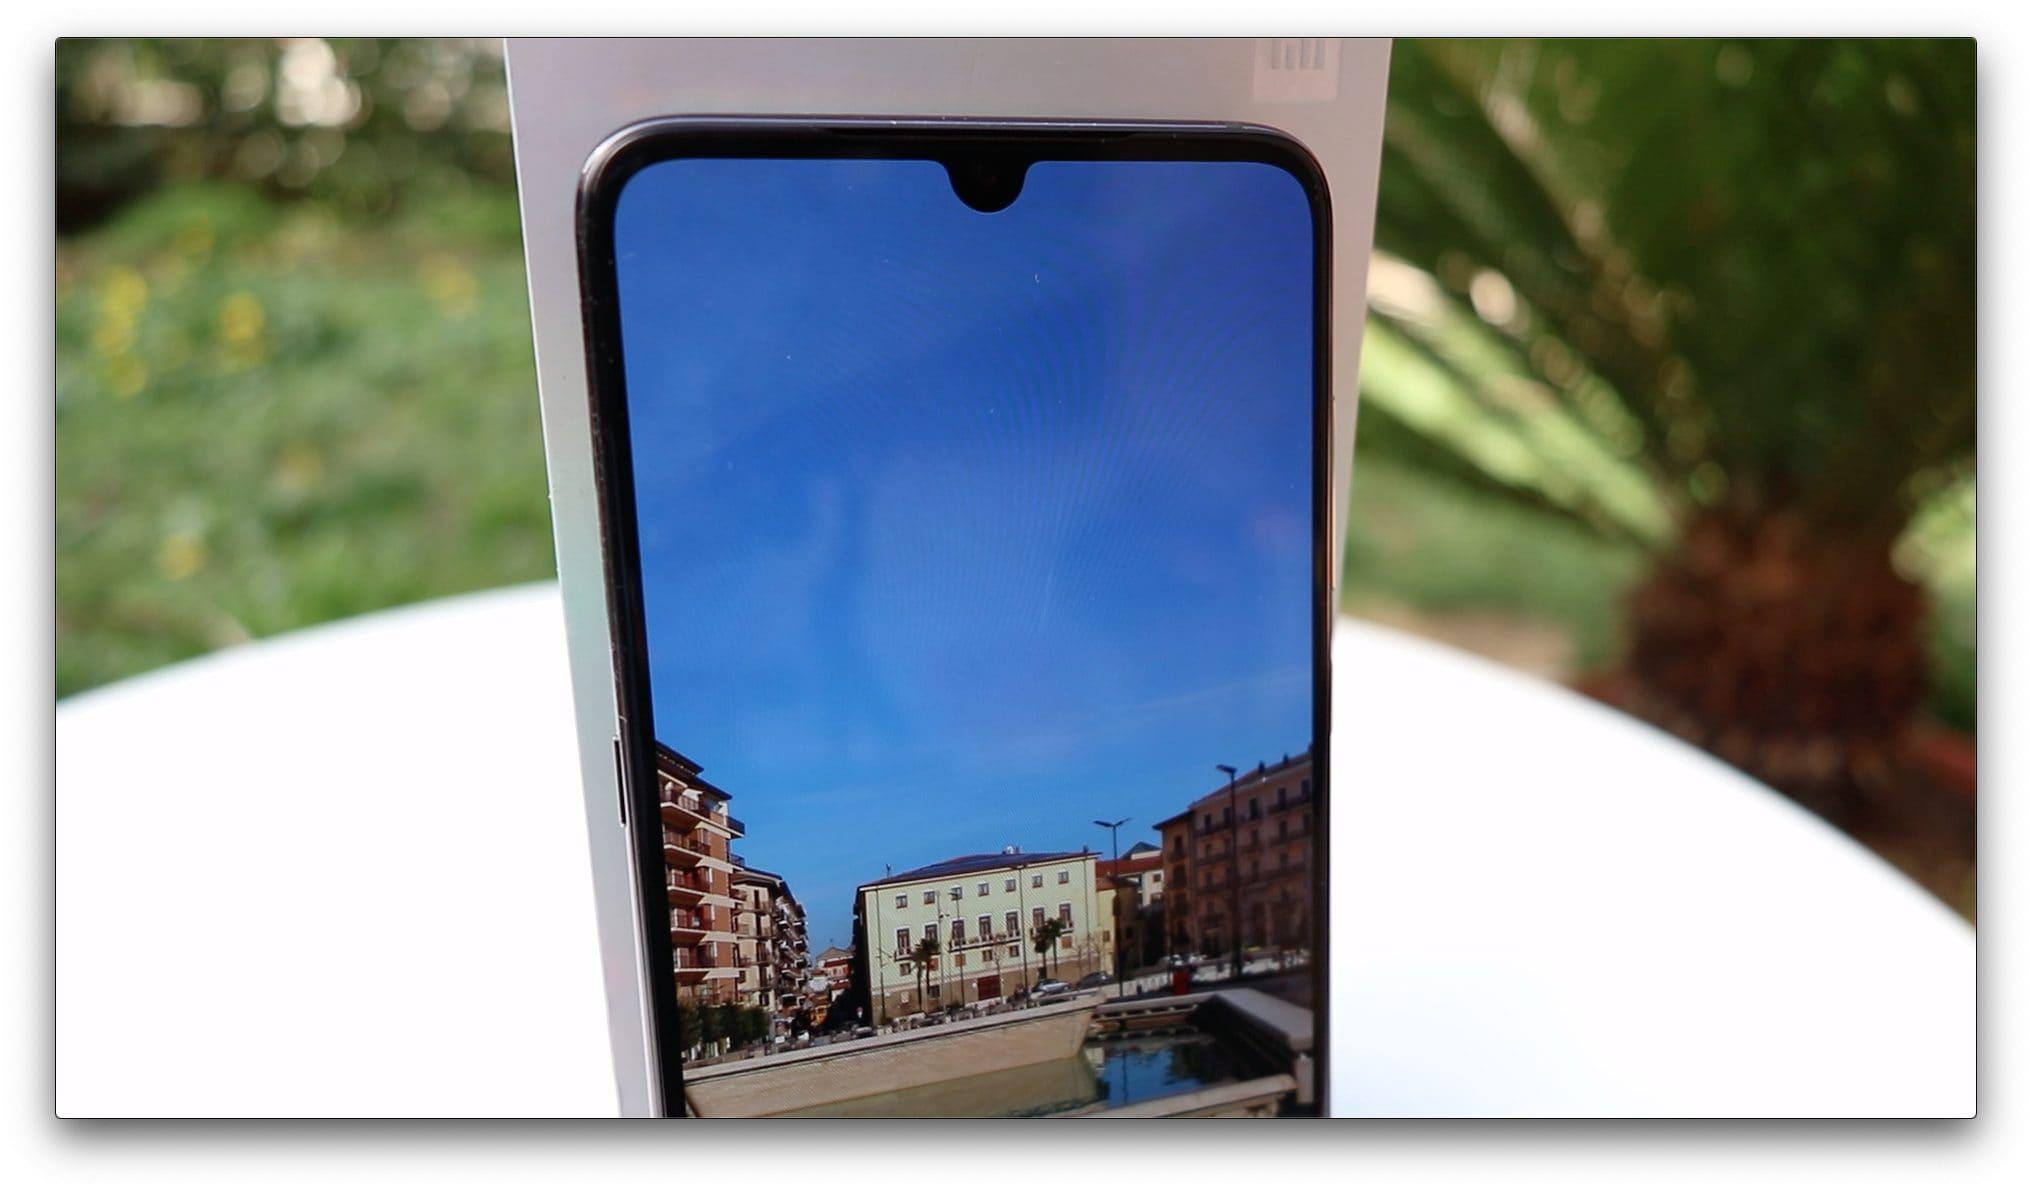 7b22f7dea D'altronde è il primo smartphone animato da uno Snapdragon 855, è  incredibilmente veloce, ben costruito, ed anche se soffre di piccoli  difetti, ...